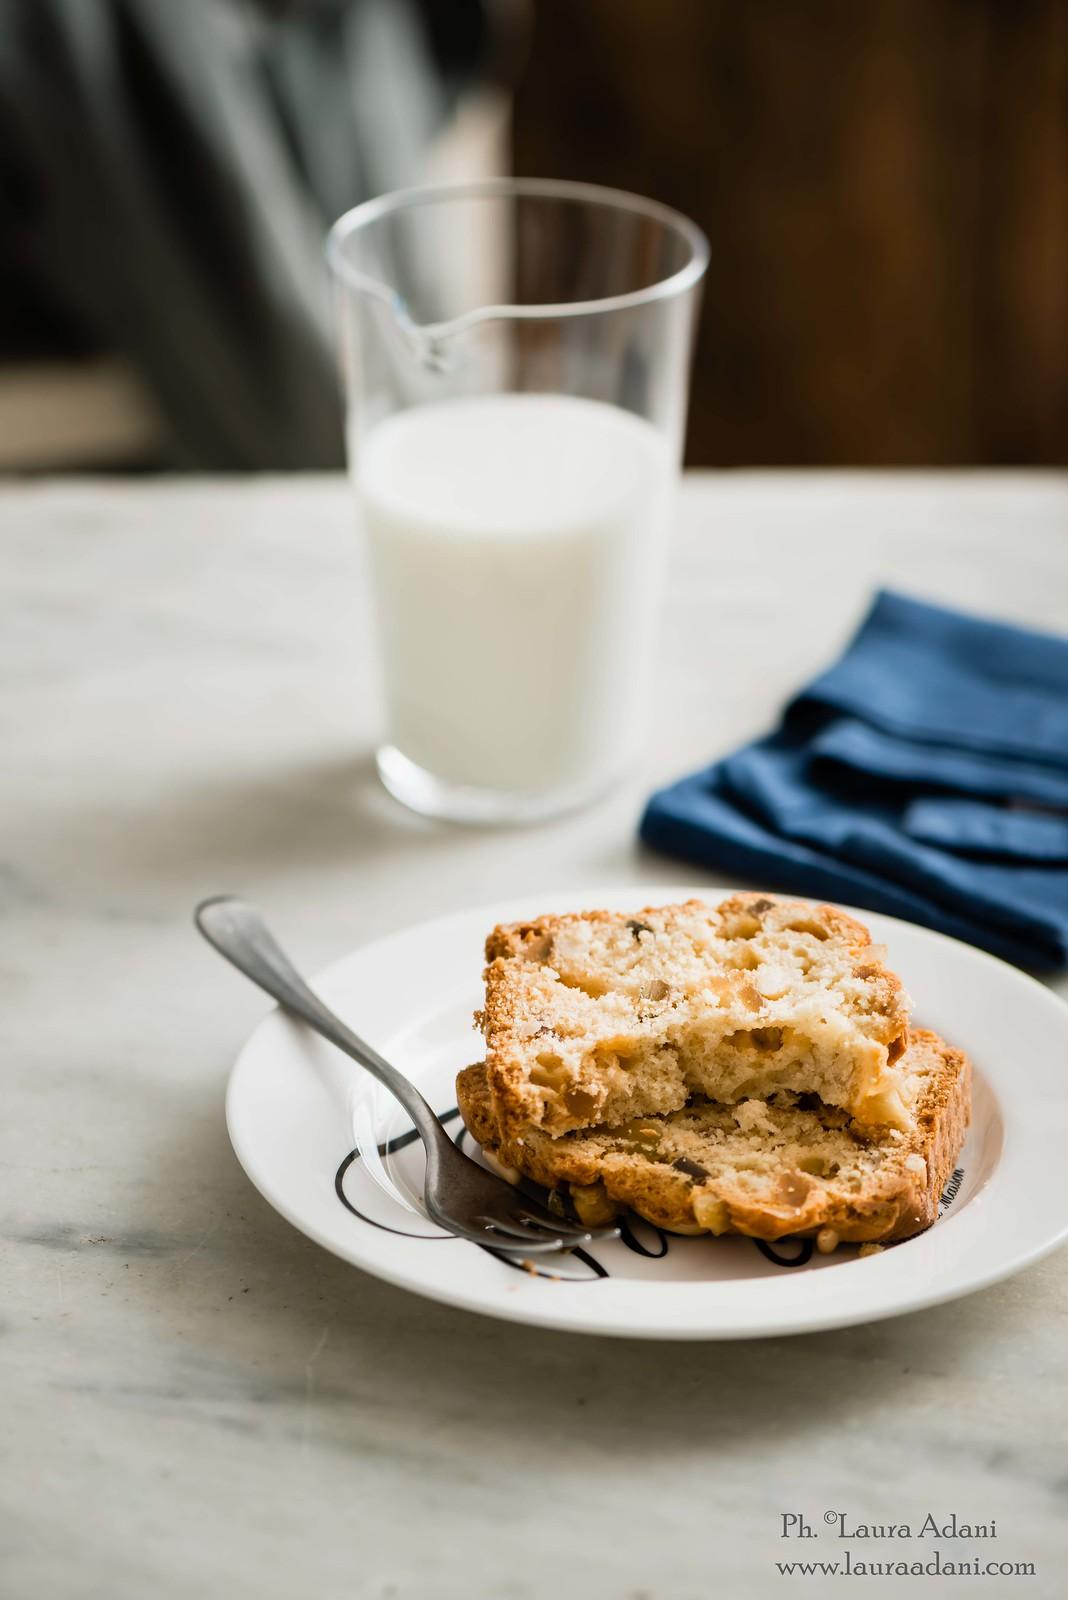 plumcake al cedro candito e pinoli - web-9223